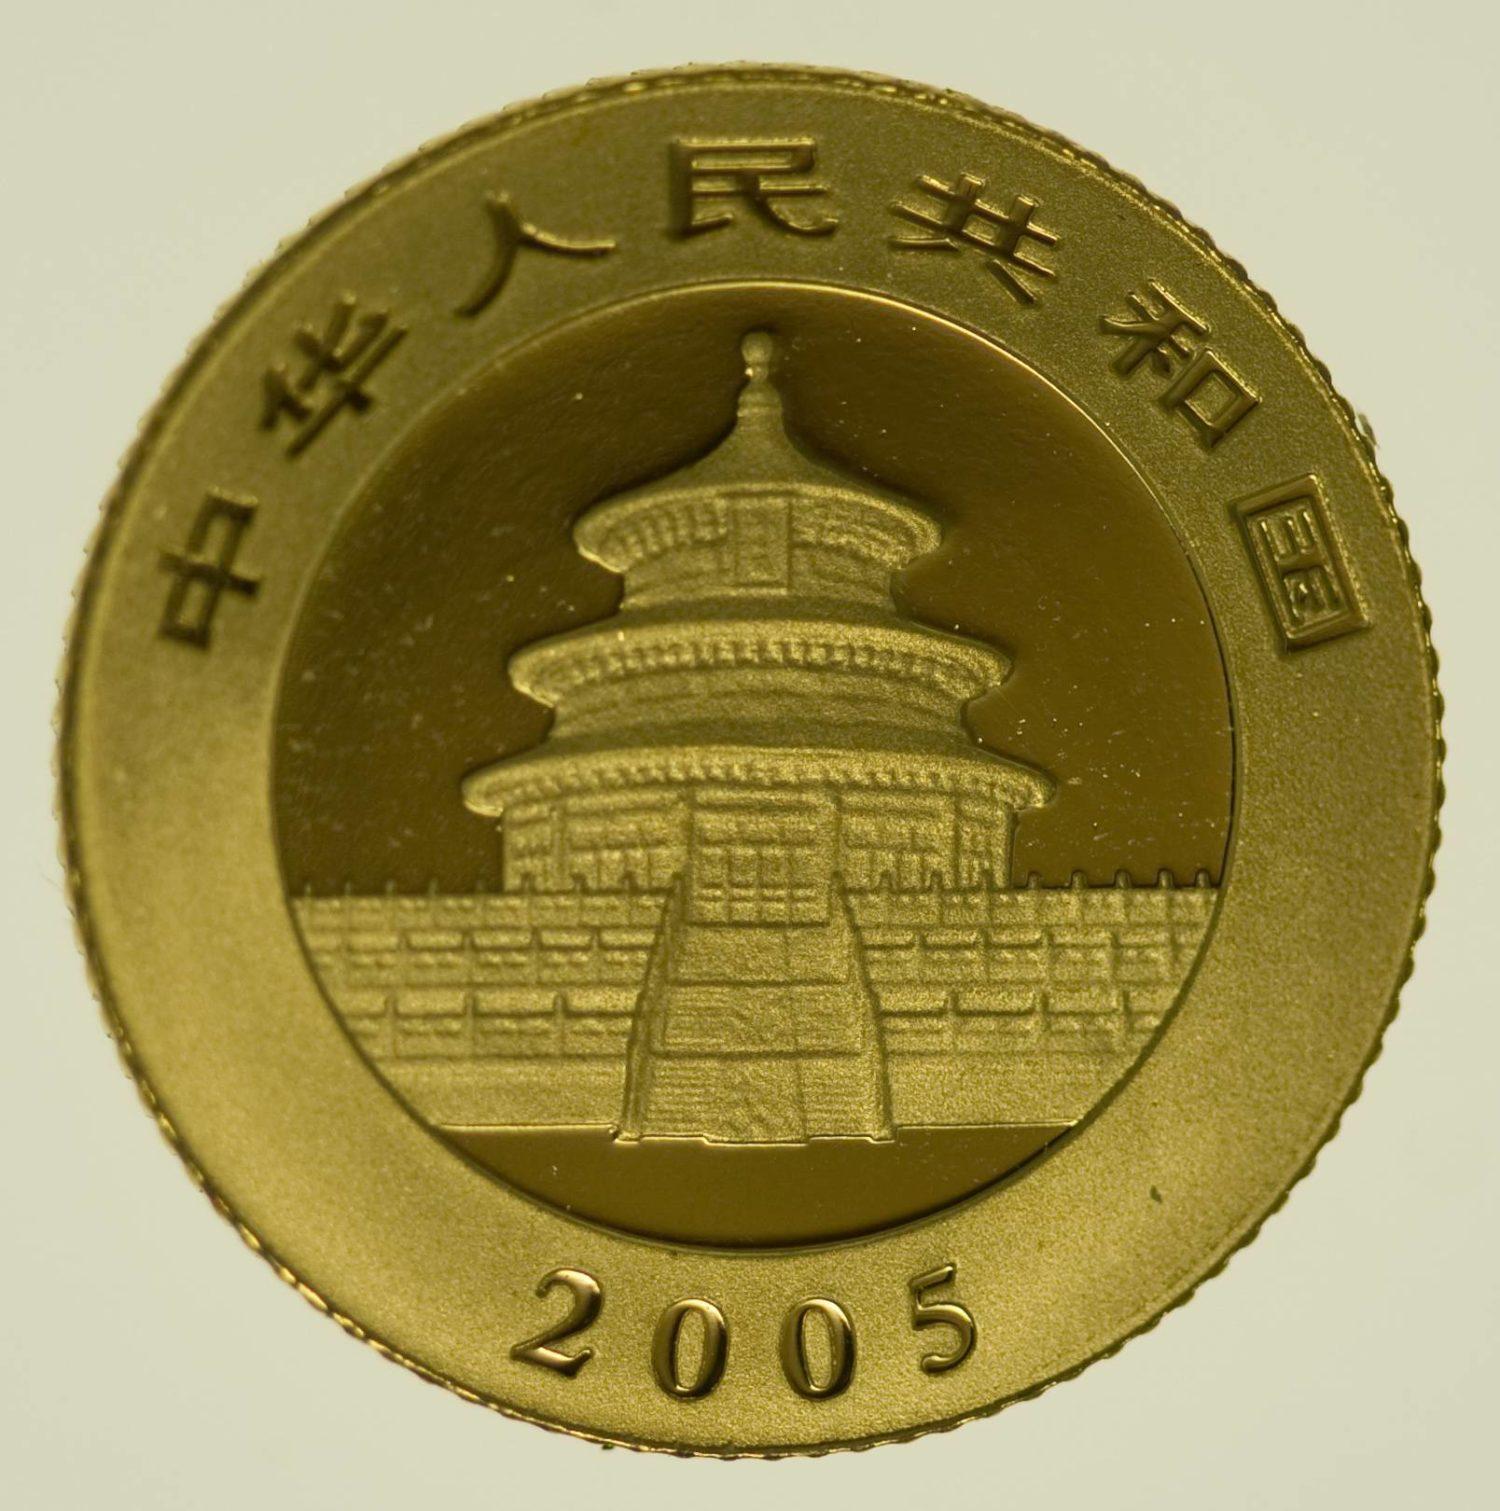 1/20 Unze Goldmünze China Panda 2005 20 Yuan 1,56 Gramm fein Gold RAR